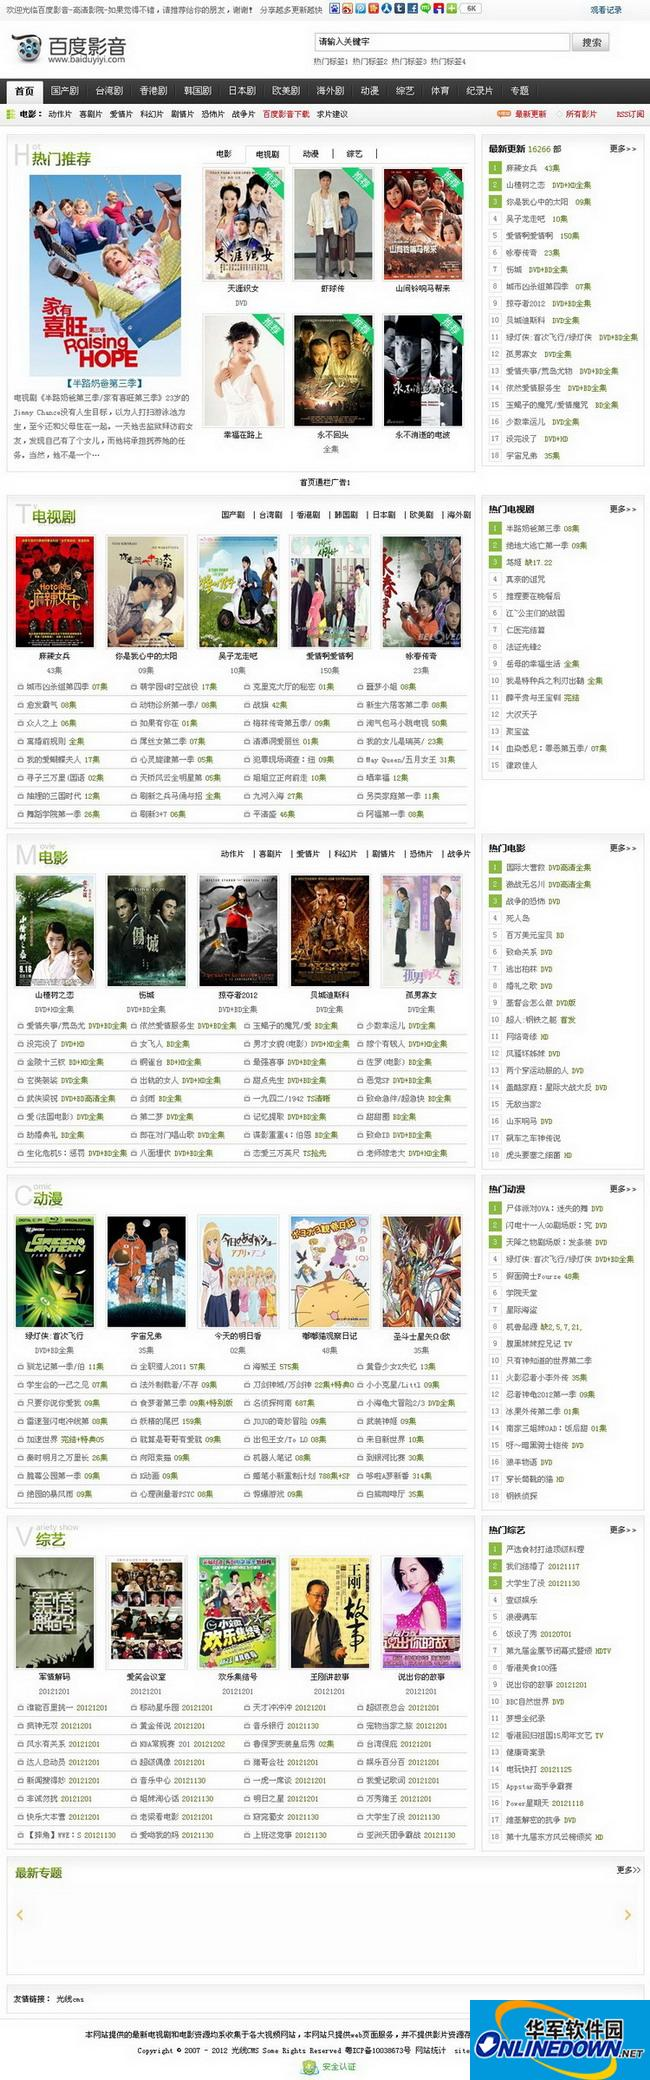 简黑风格电影网站源码 完整带数据 PC版